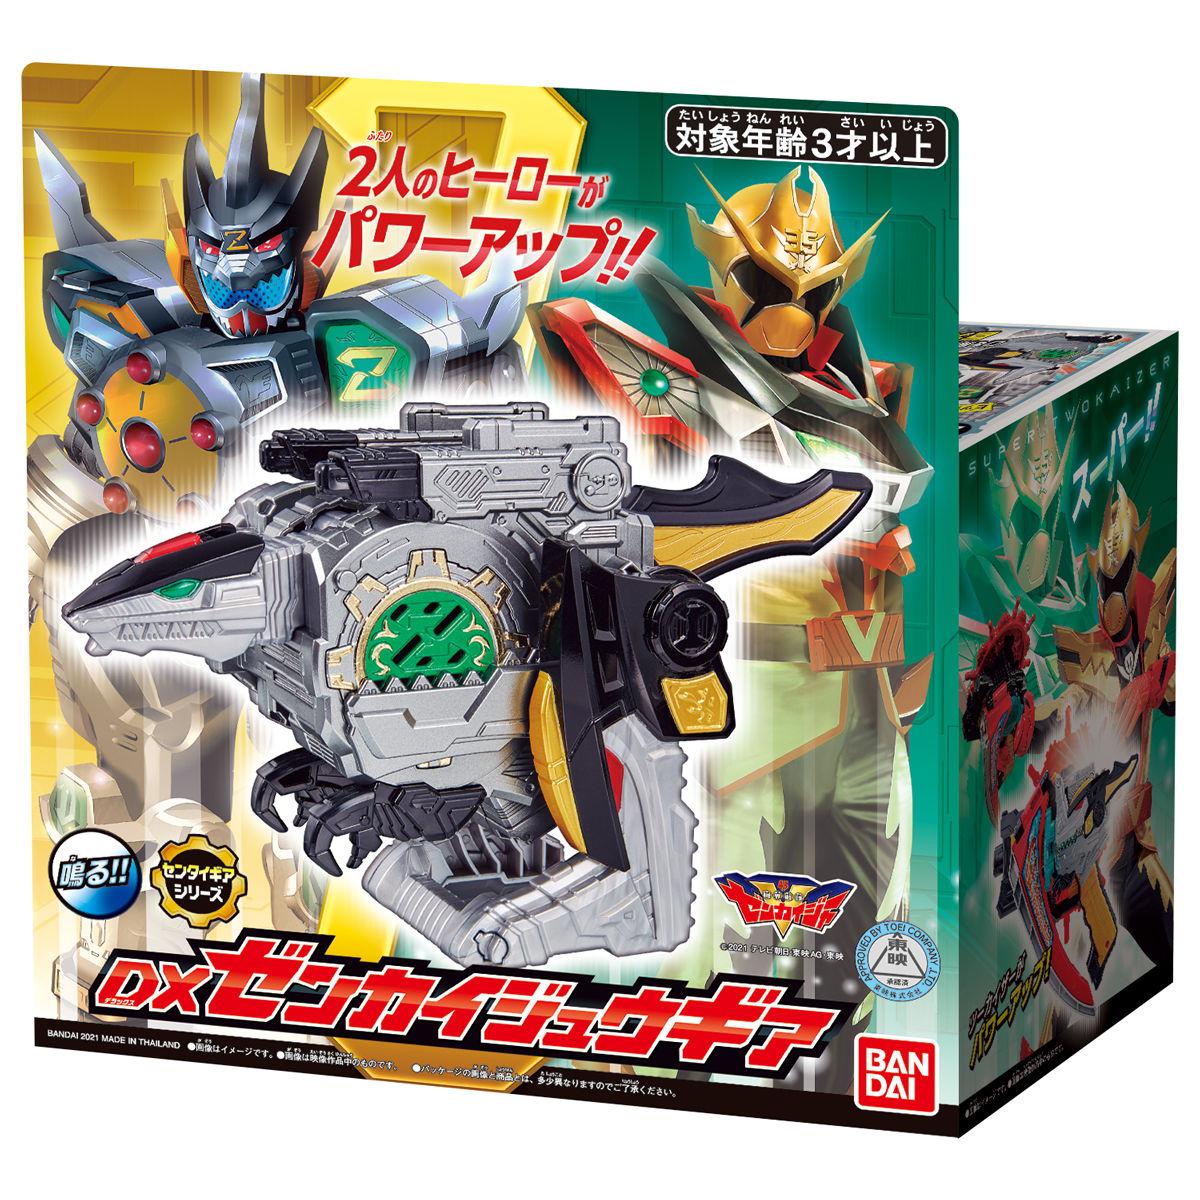 機界戦隊ゼンカイジャー『DXゼンカイジュウギア』変身なりきり-006